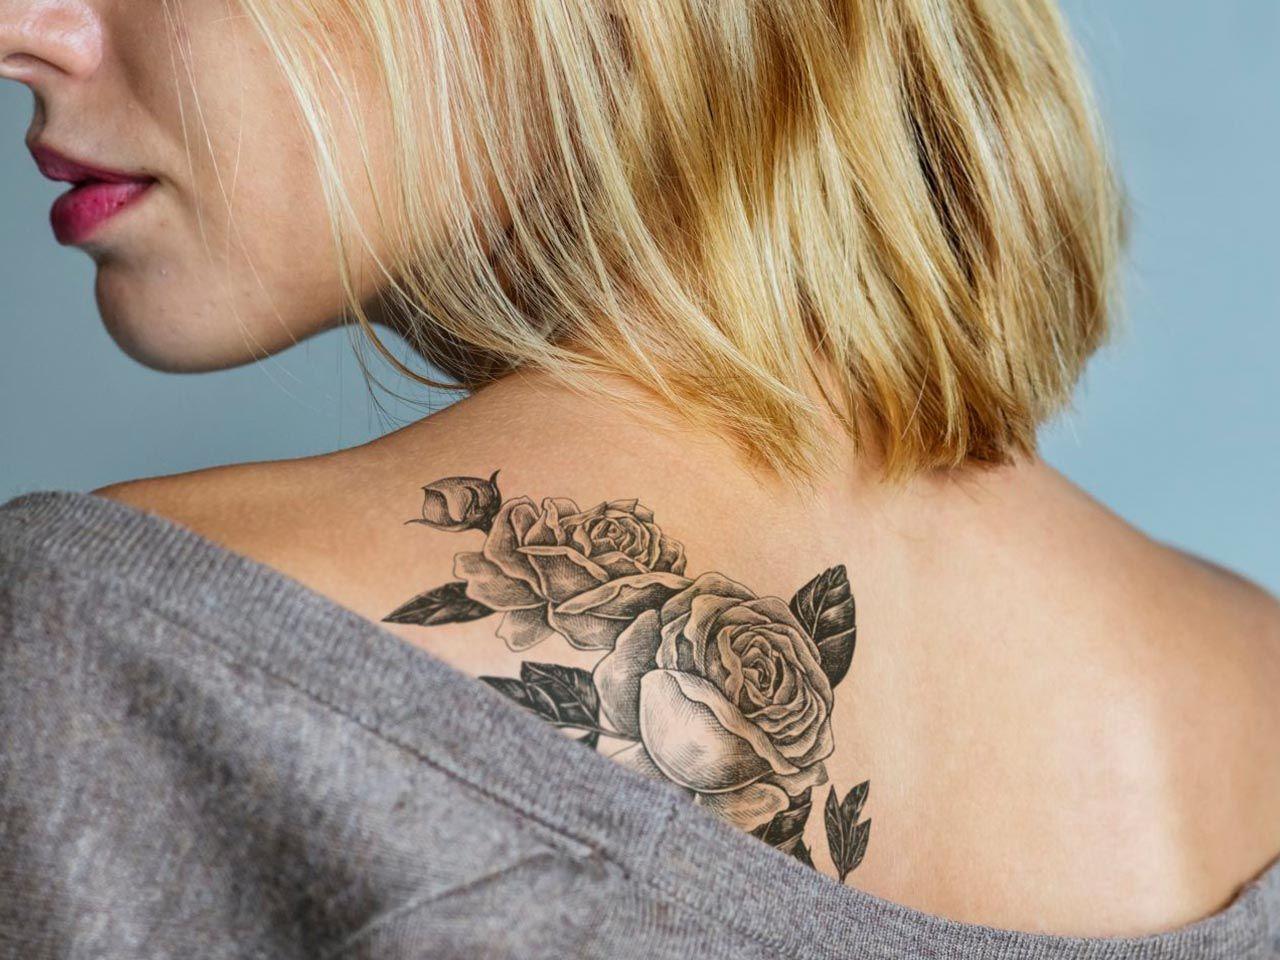 Jak Dbać O Pierwszy Tatuaż Magazyn Ceneopl